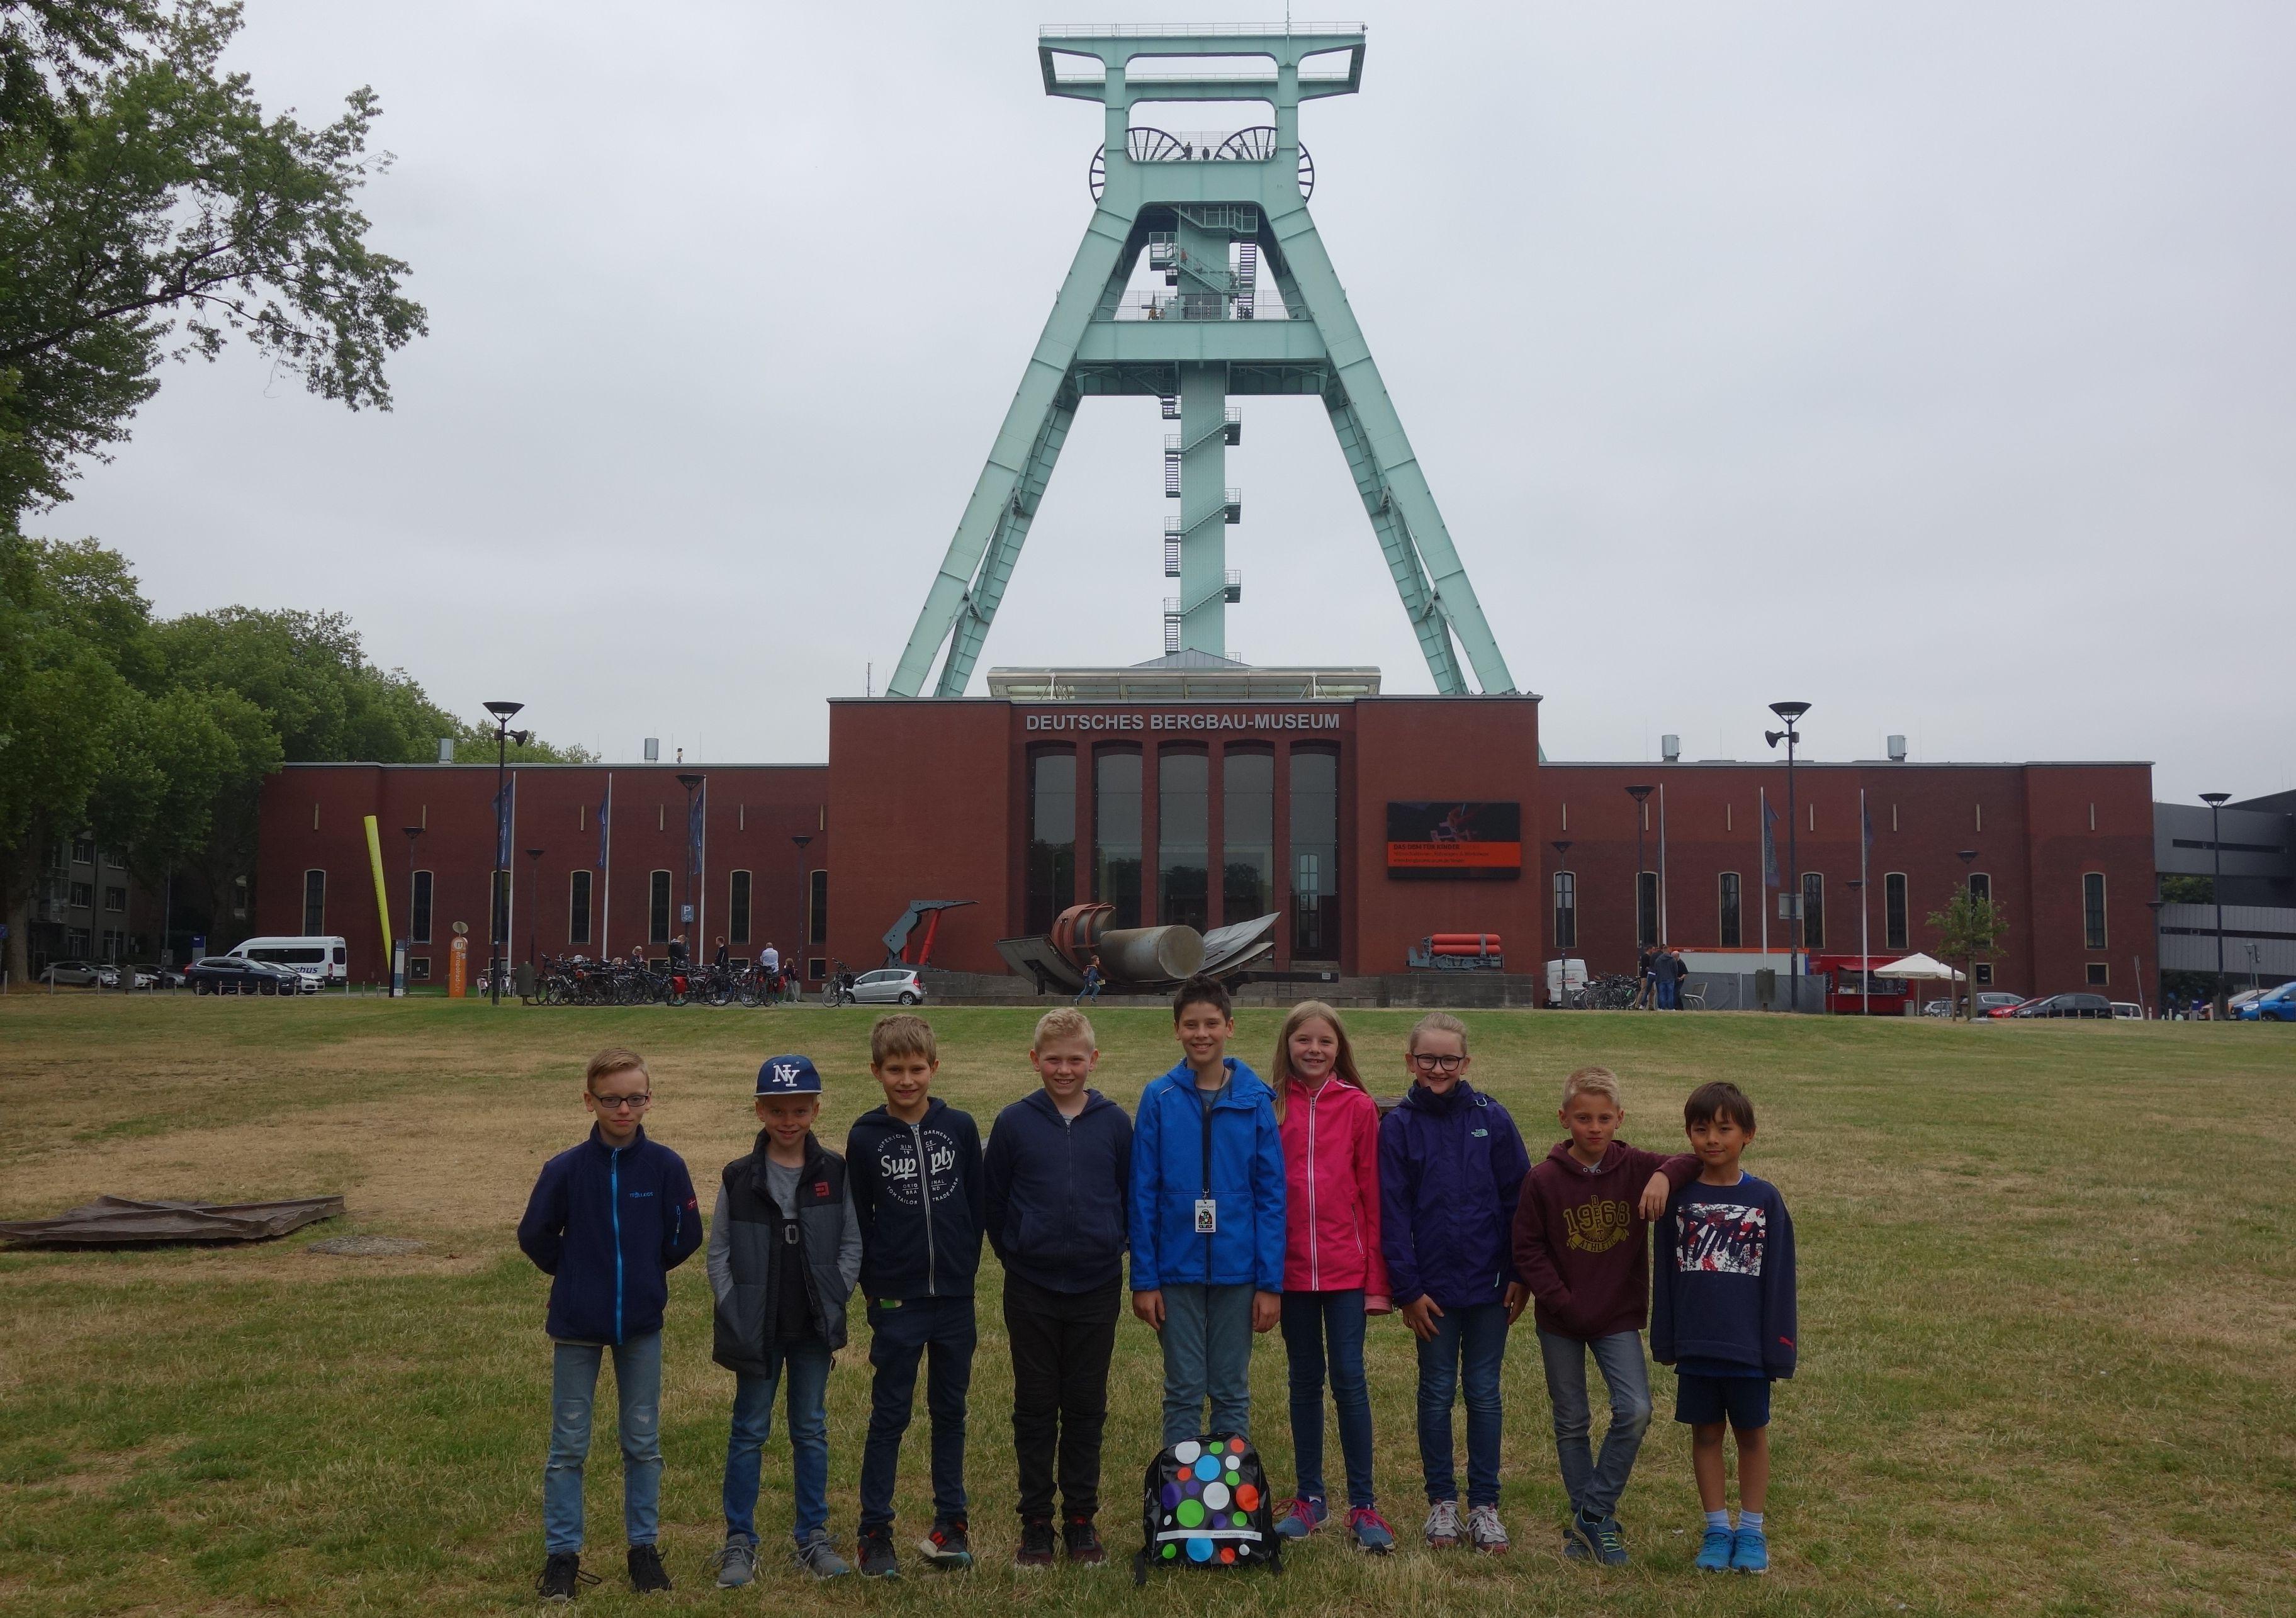 Kulturrucksack machte Ausflug nach Bochum